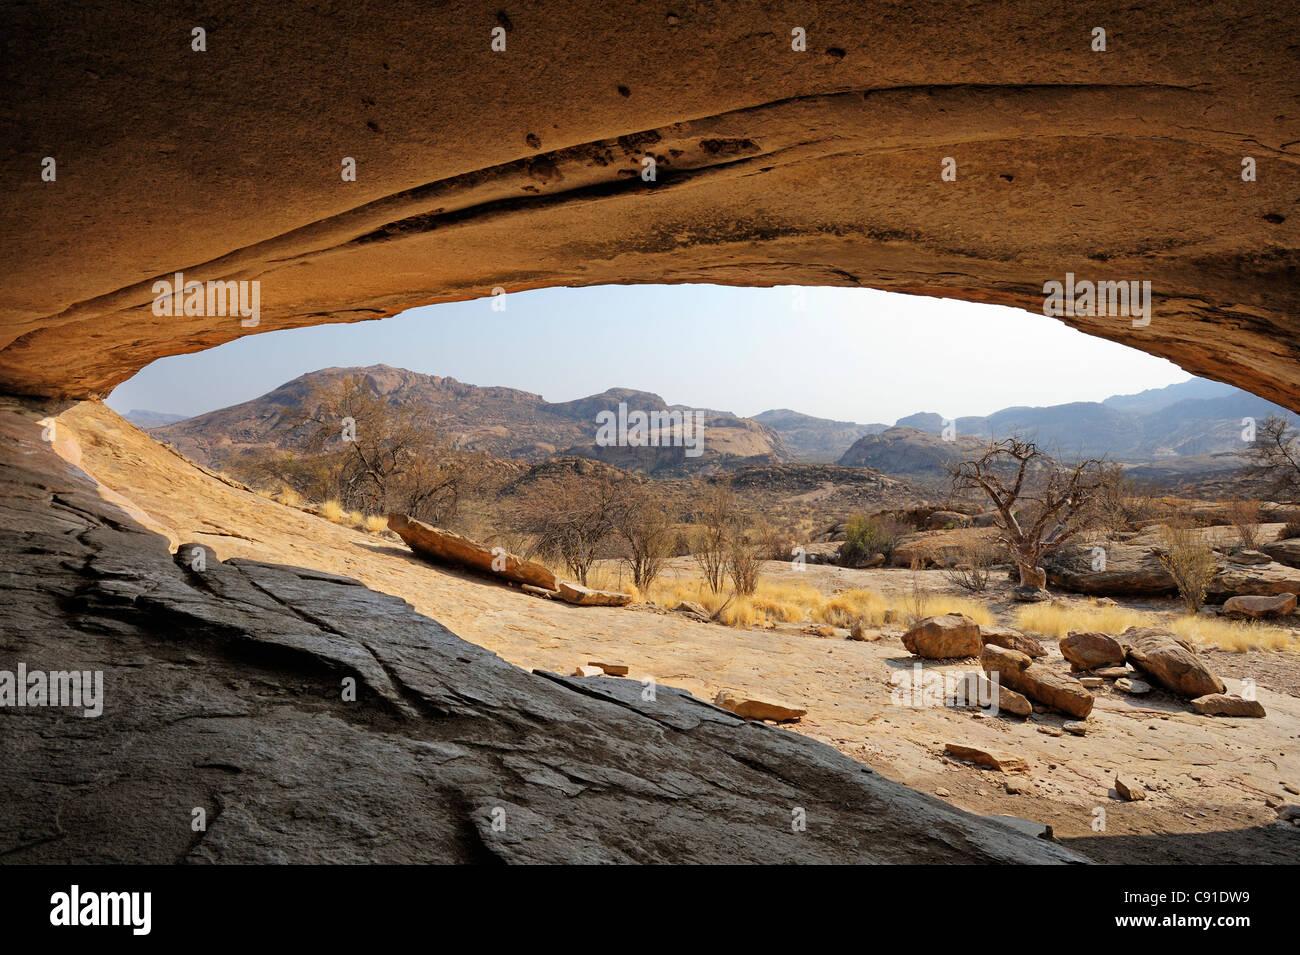 Abri sous roche Phillipp's Cave avec vue sur la savane, Ameib, Erongo mountains, Namibie Photo Stock